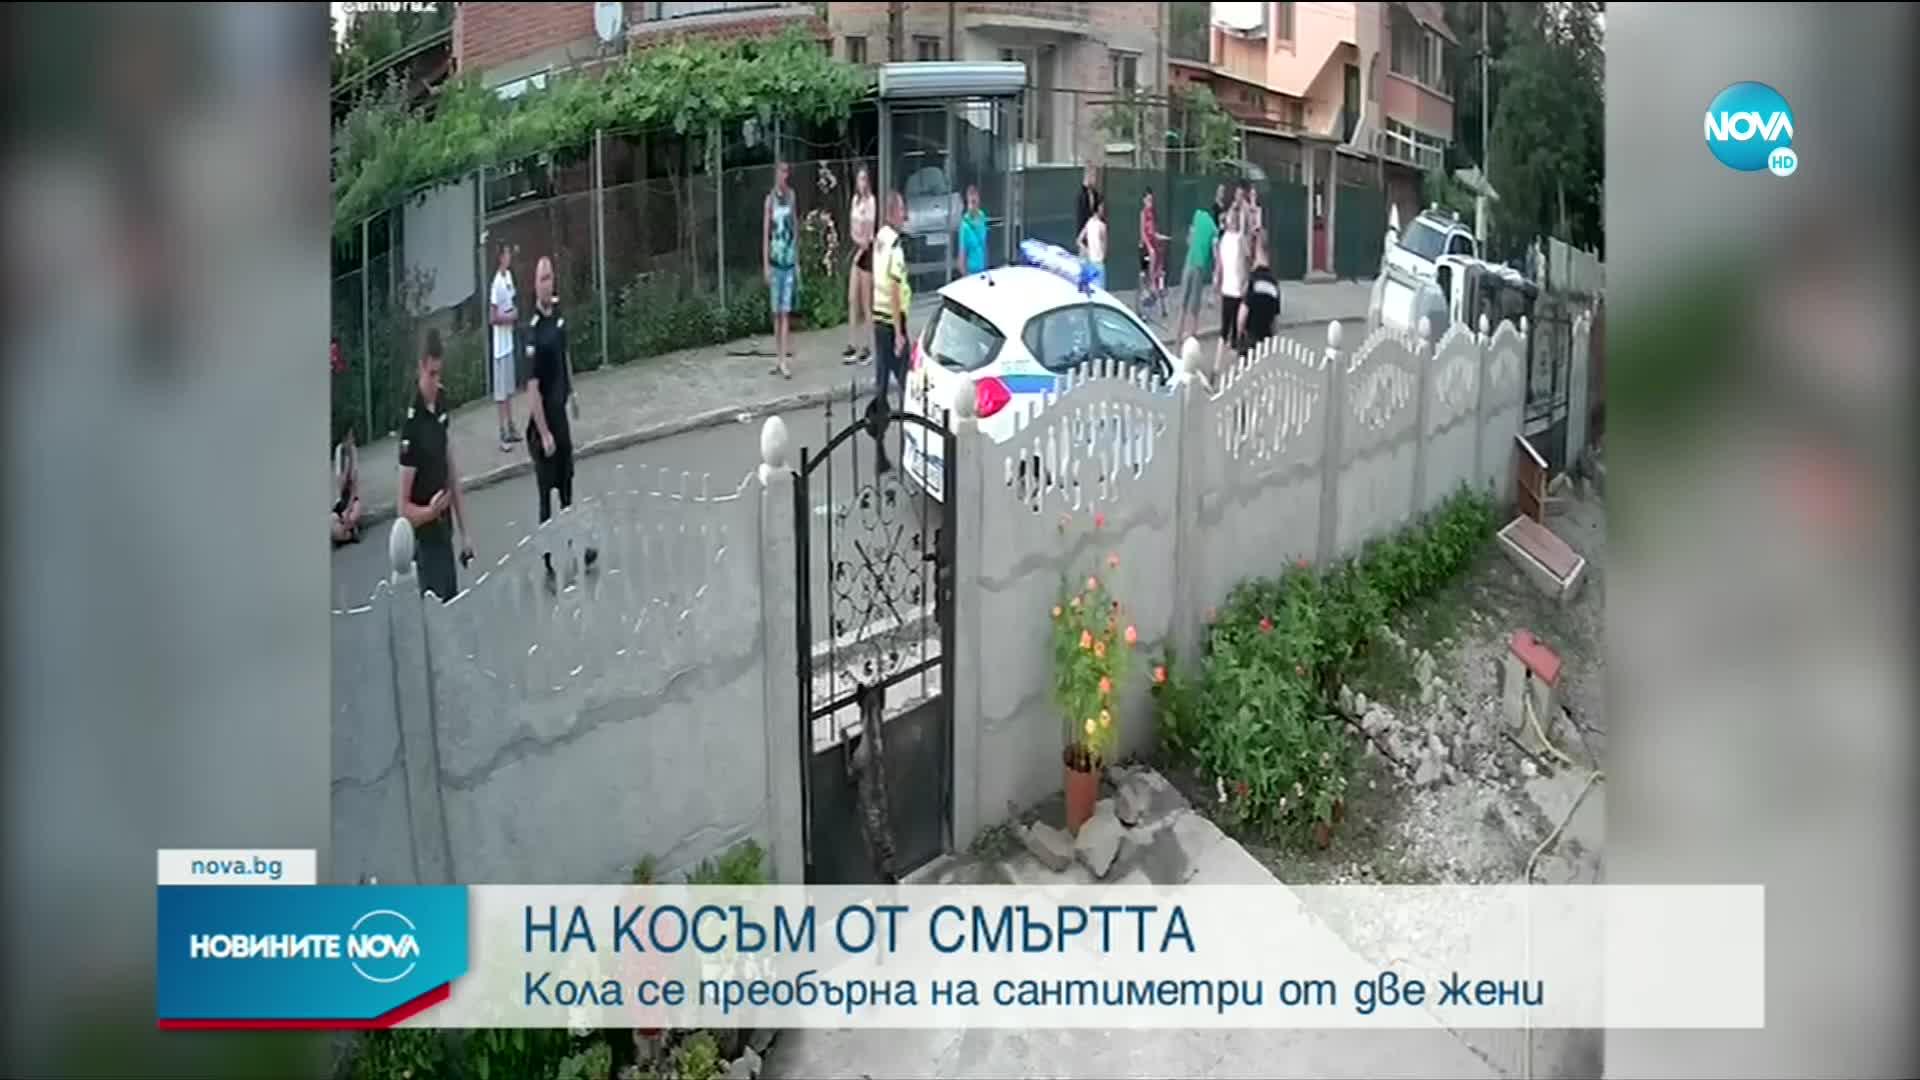 НА КОСЪМ ОТ СМЪРТТА: Кола се преобърна в Бургас на метри от пешеходци